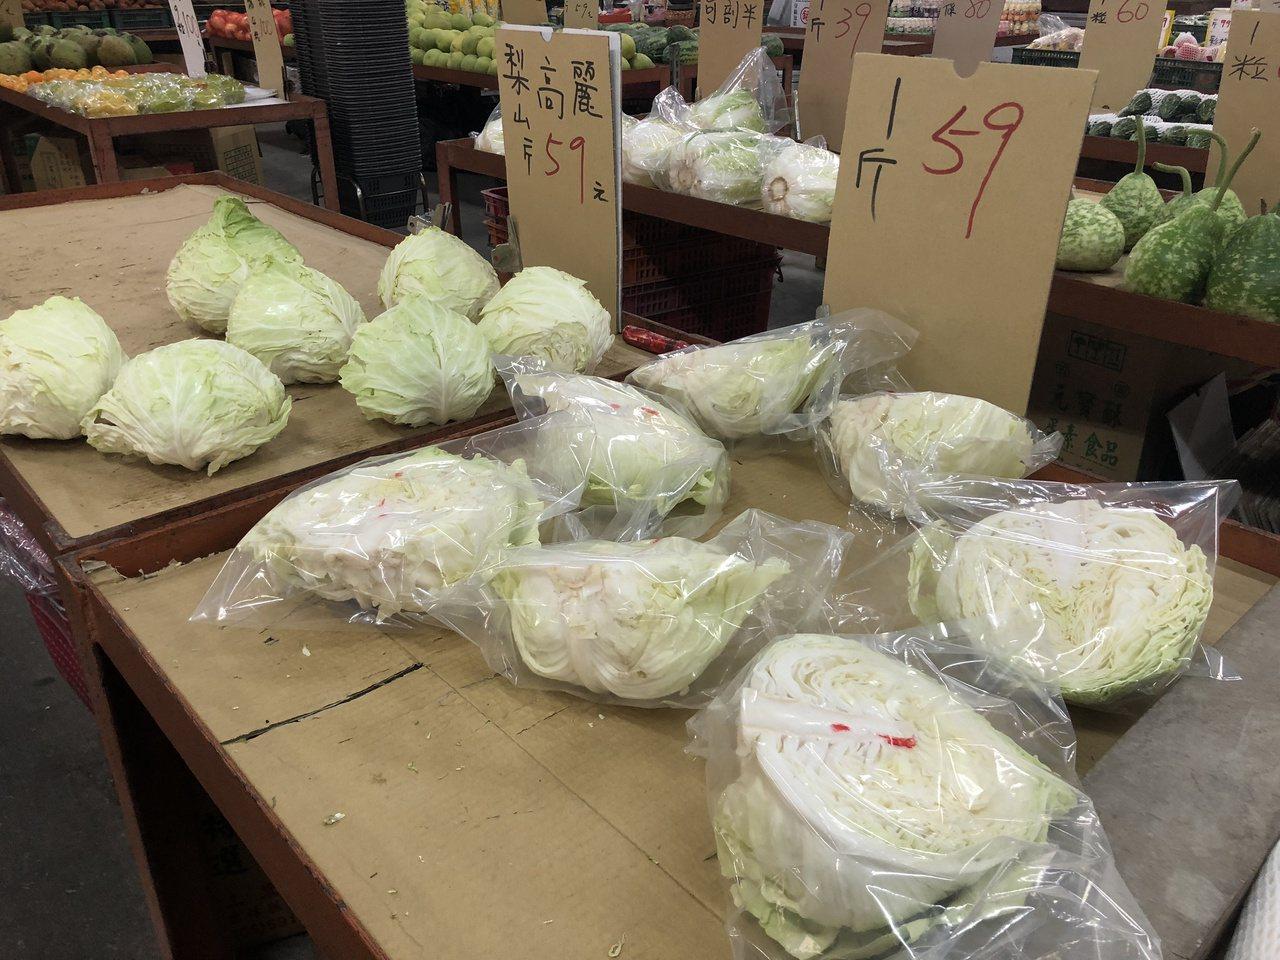 連日豪雨影響蔬菜產量,導致菜價高漲。記者林敬家/攝影